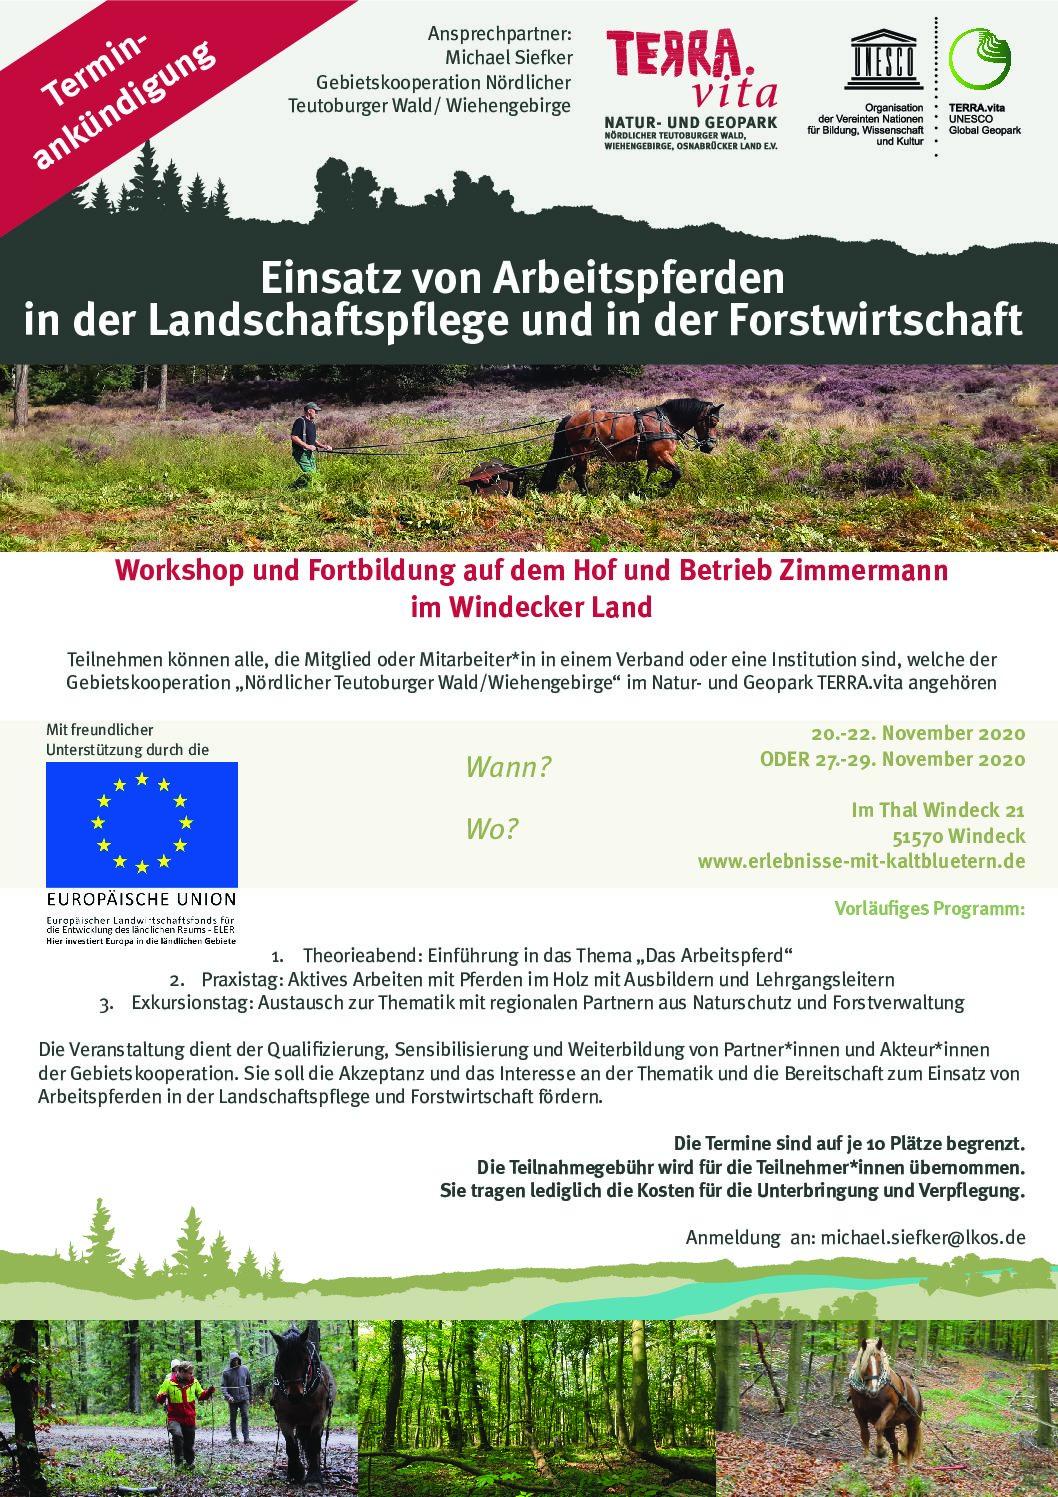 Ankündigung Workshop: Arbeitspferde in land-/forstwirschaft und Landschaftspflege